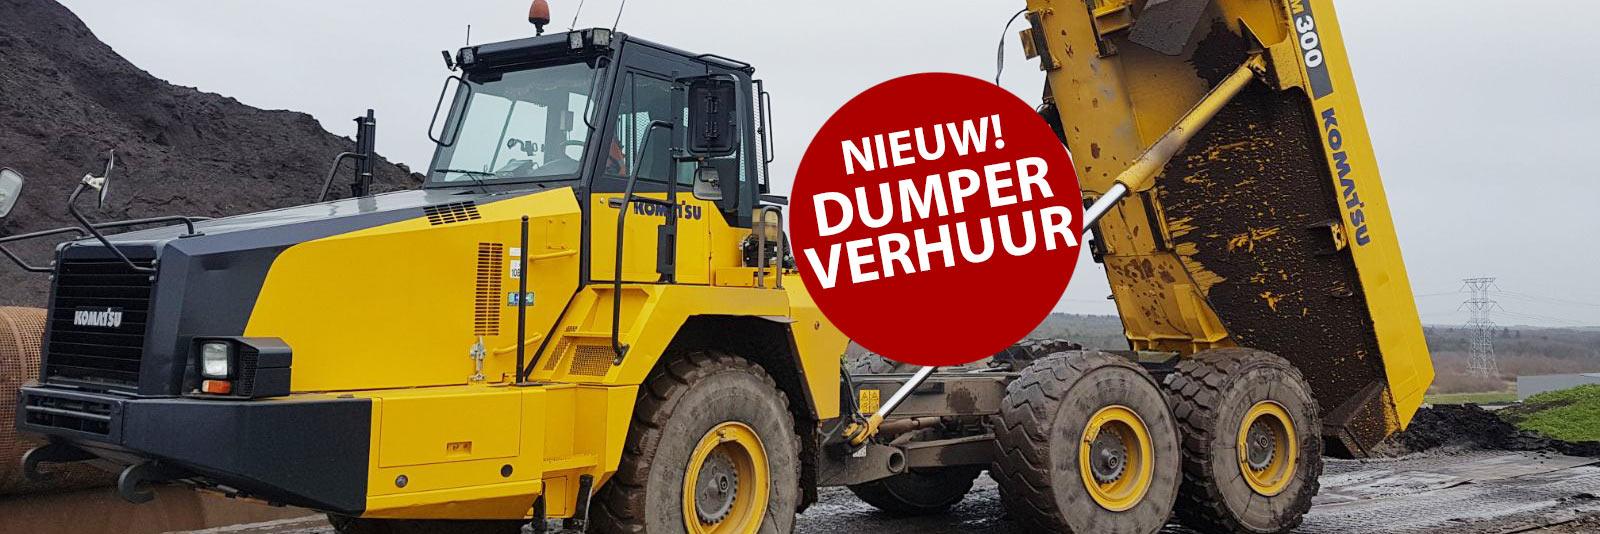 dumper-verhuur-3